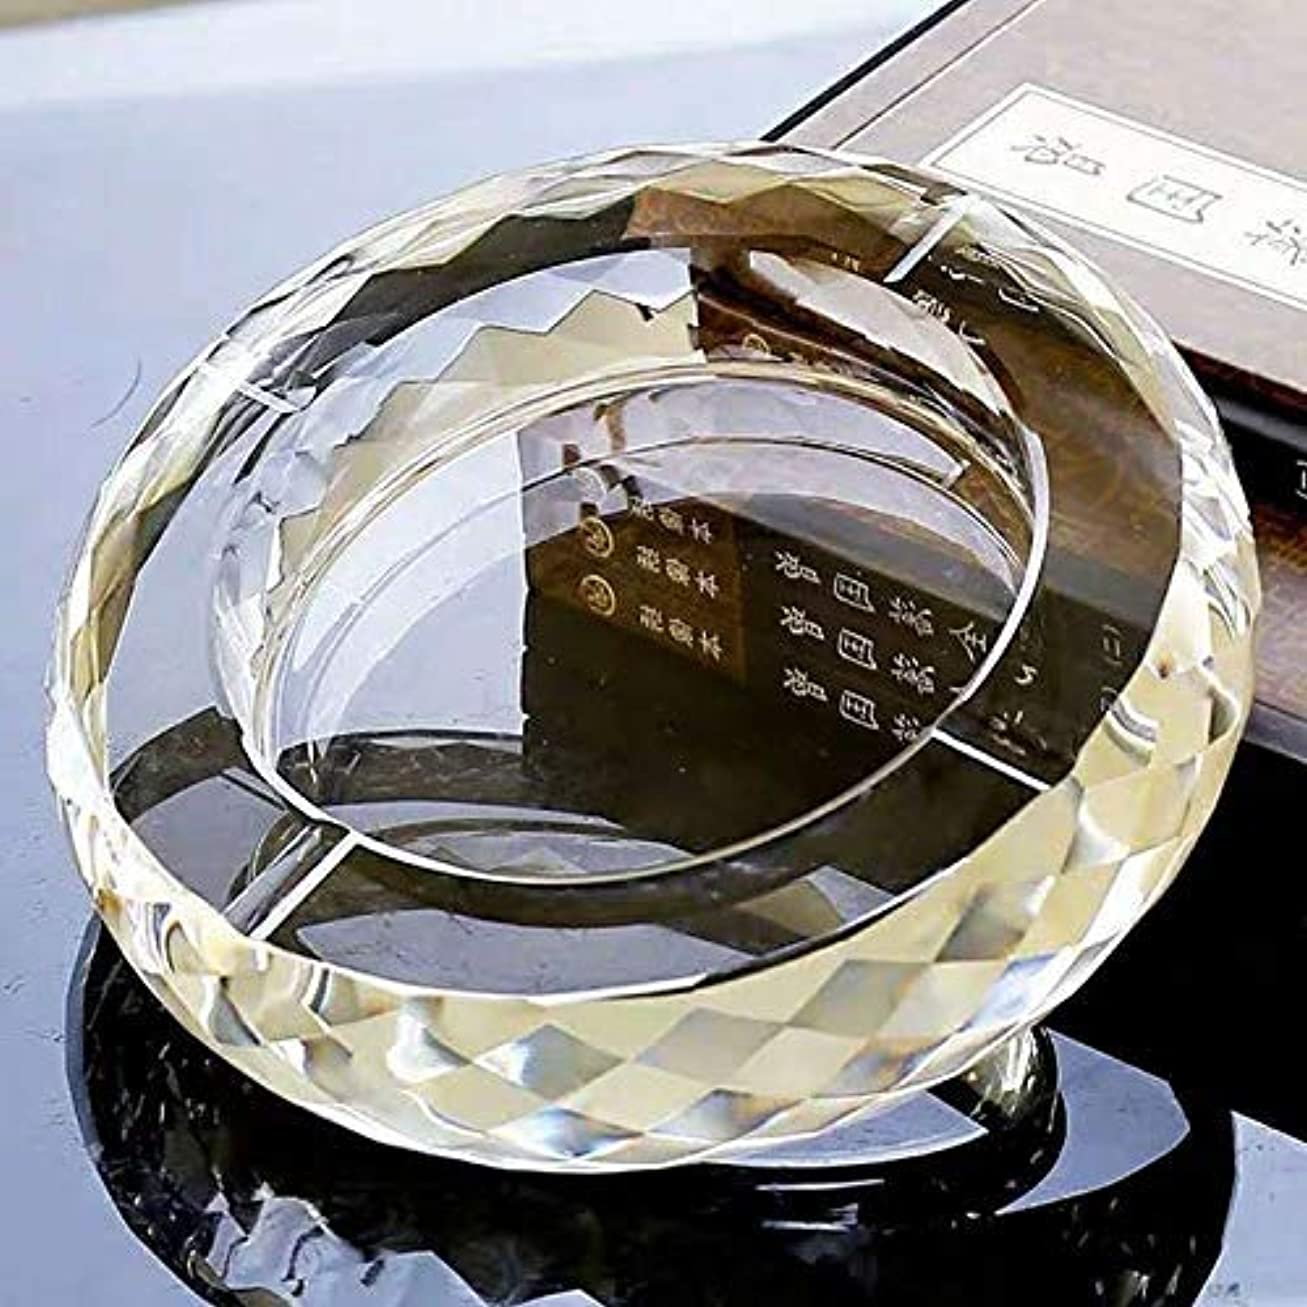 理由国豆腐K9クリスタル灰皿、テーブル用のエレガントな灰皿、屋外用の透明度の高い灰皿、小売パッケージ付きの新築祝いギフト(多角形)